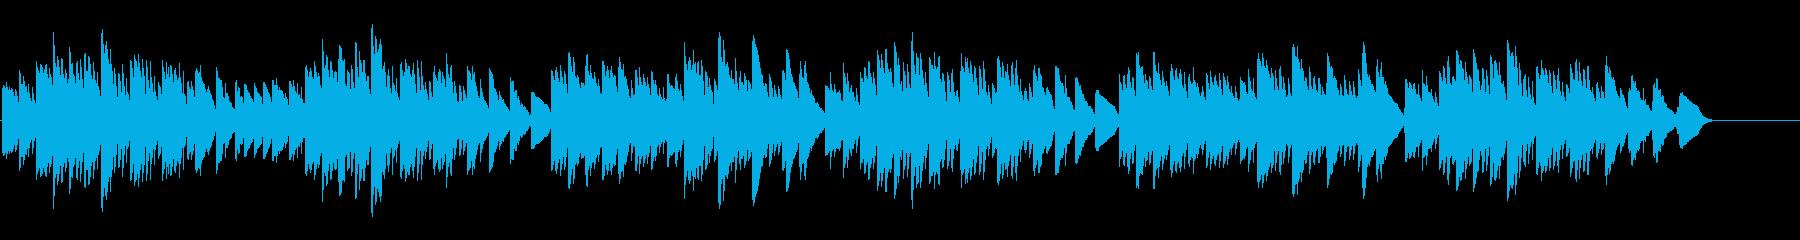 キラキラ星変奏曲(Var Ⅰ)オルゴールの再生済みの波形